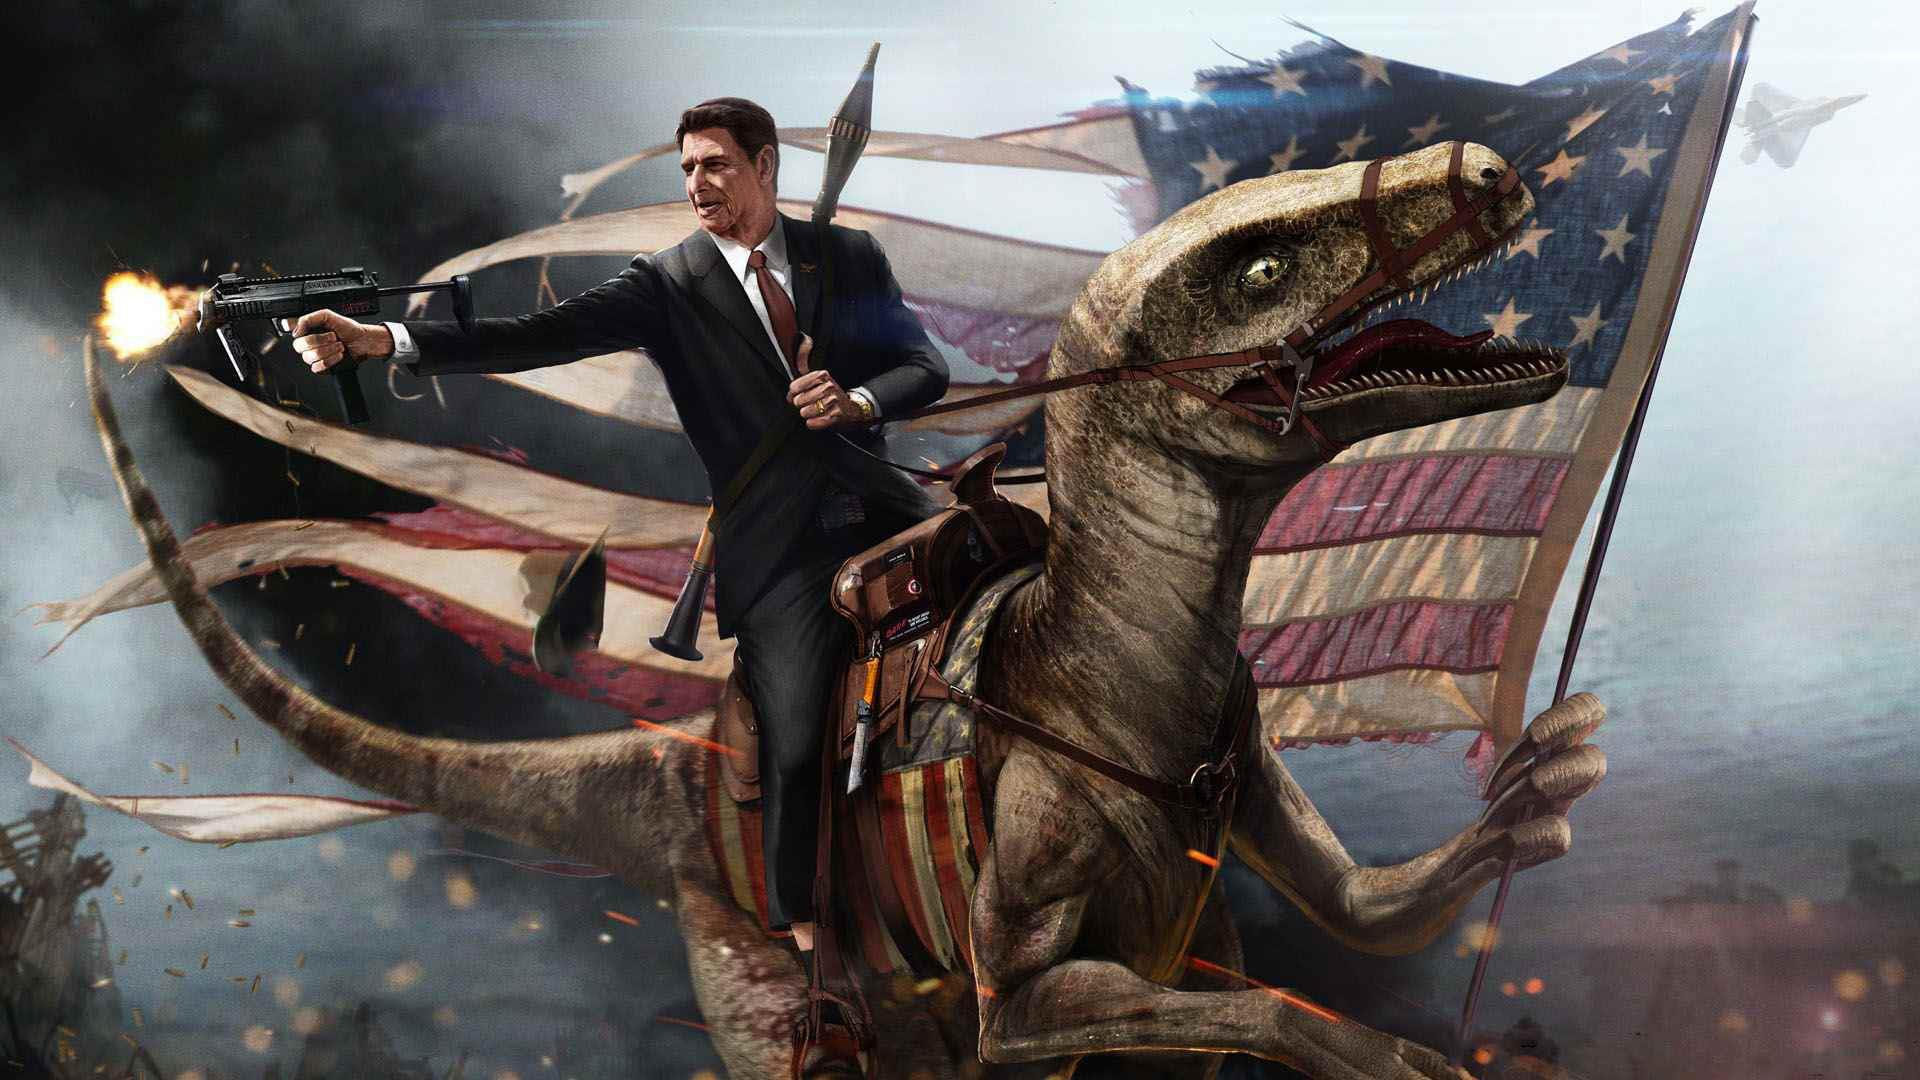 Ronald_Reagan.jpg